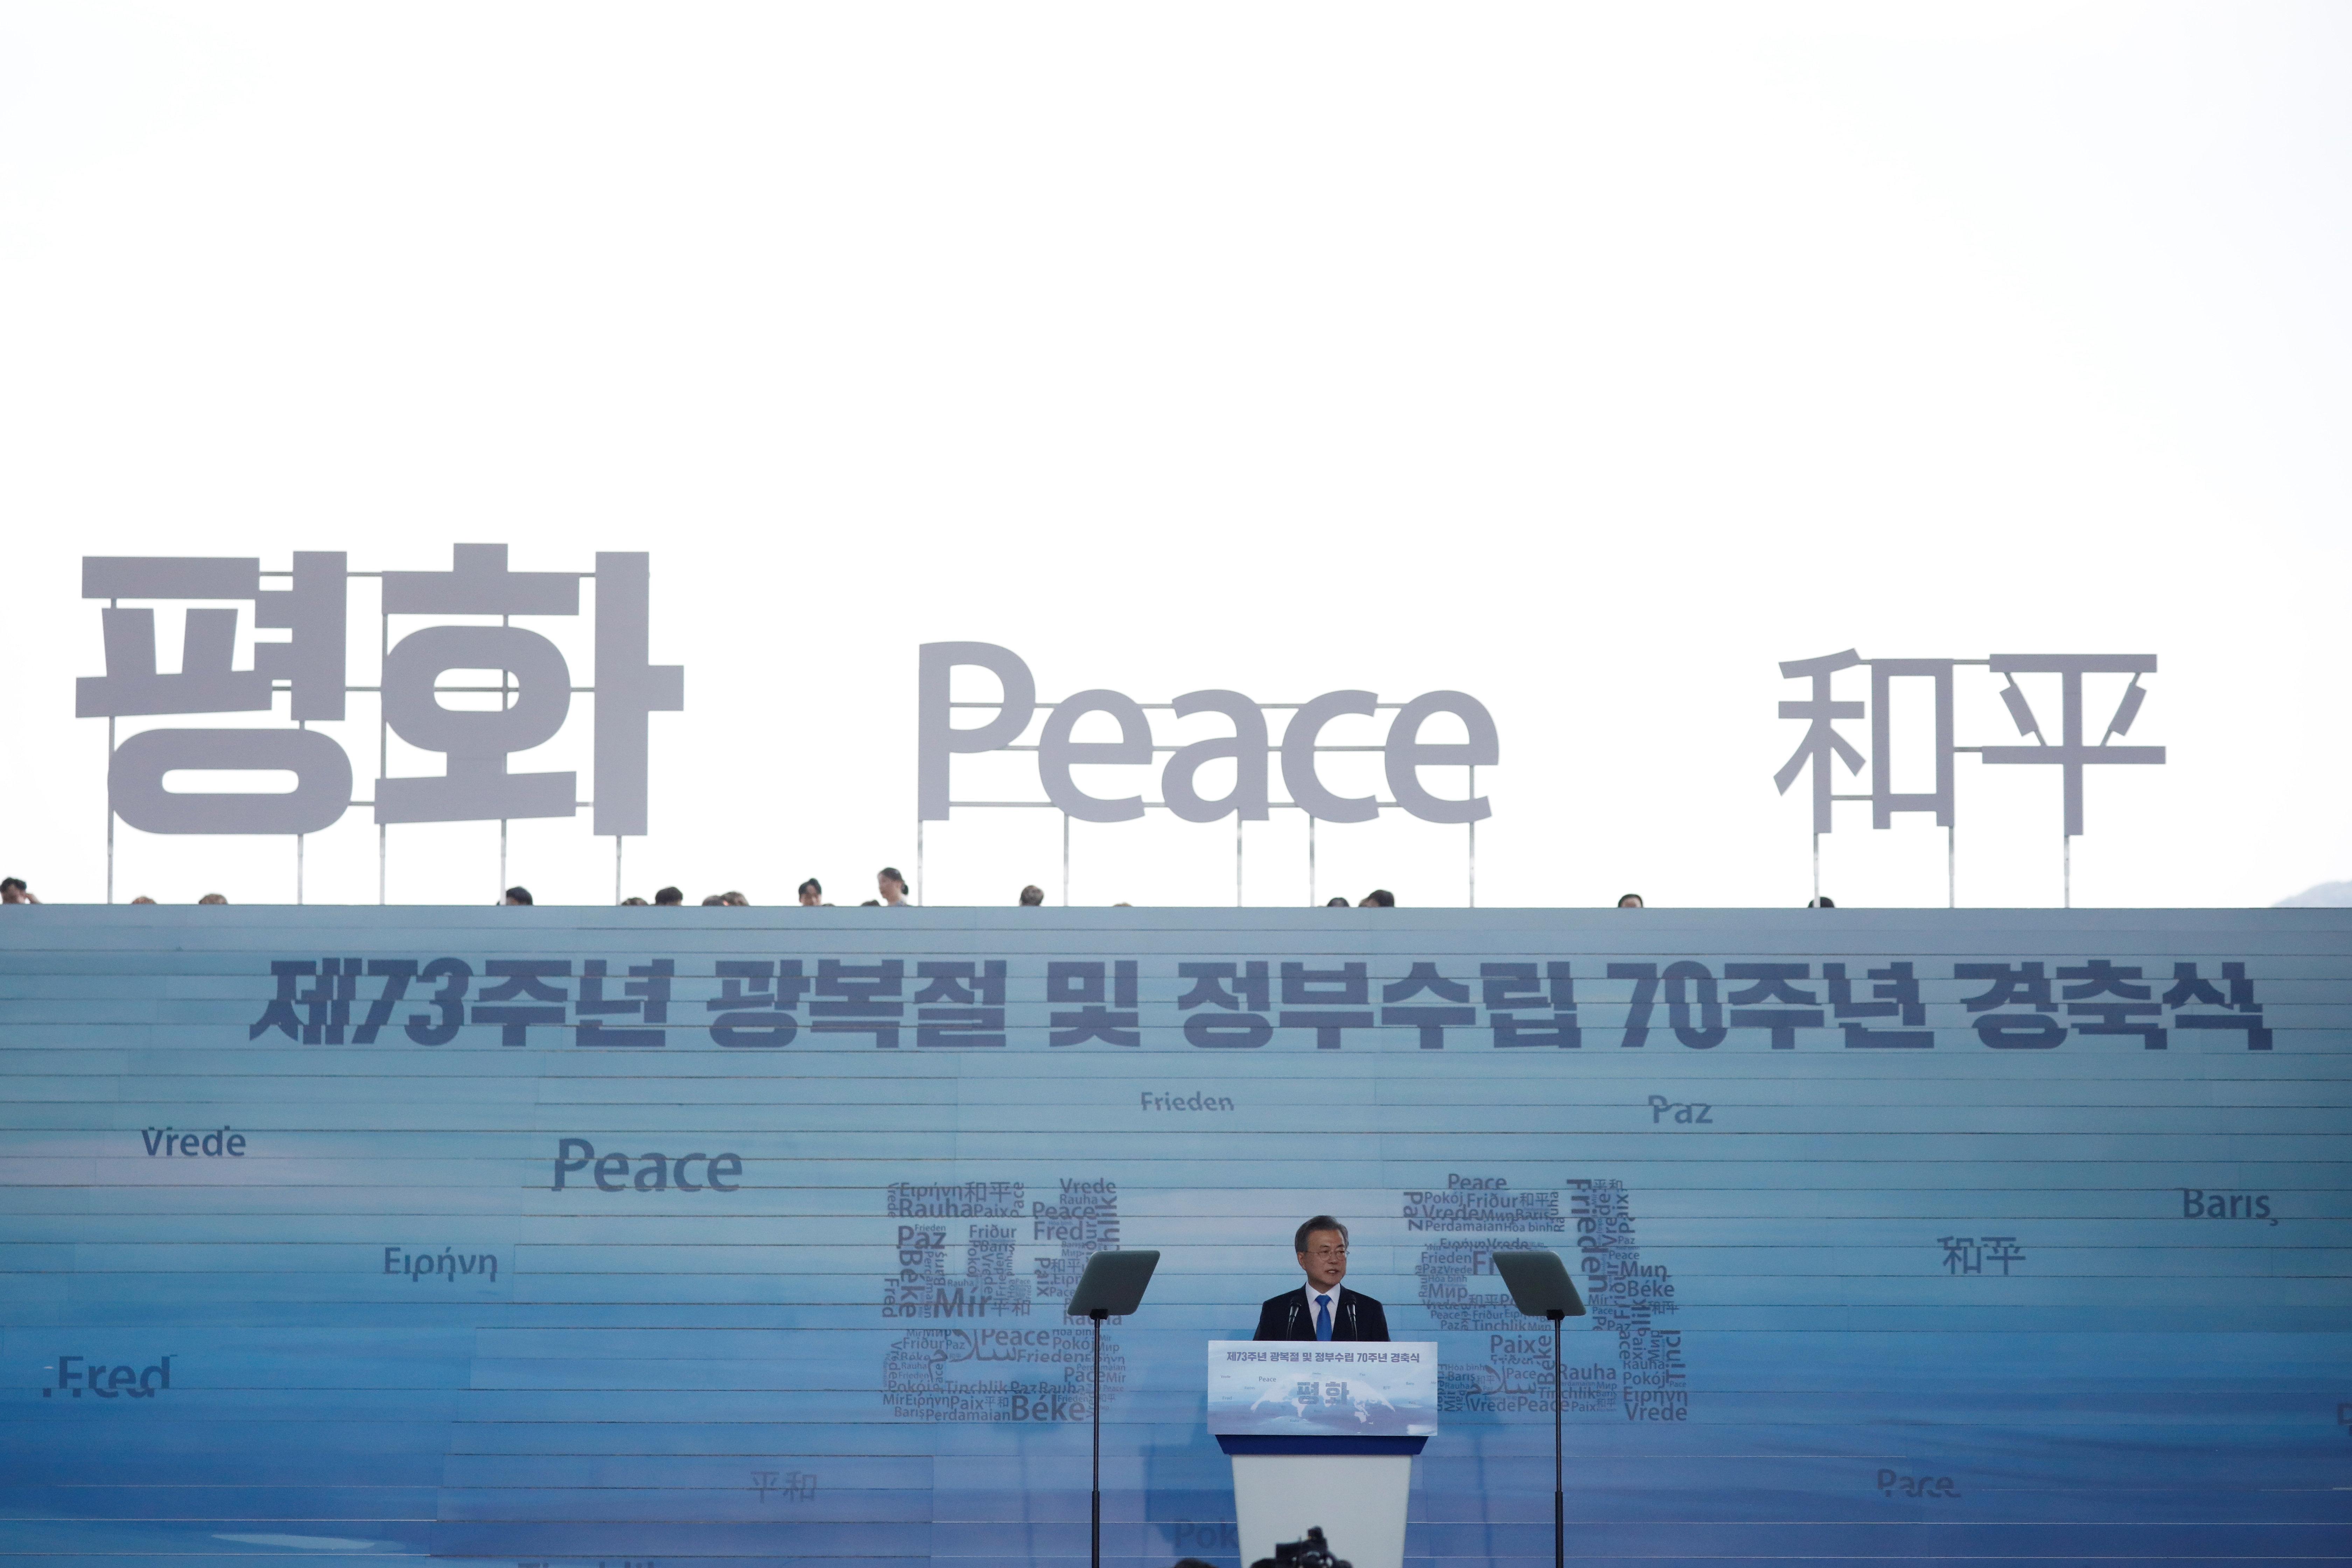 문재인 대통령이 언급한 '남북경협 경제효과' 보고서 내용은